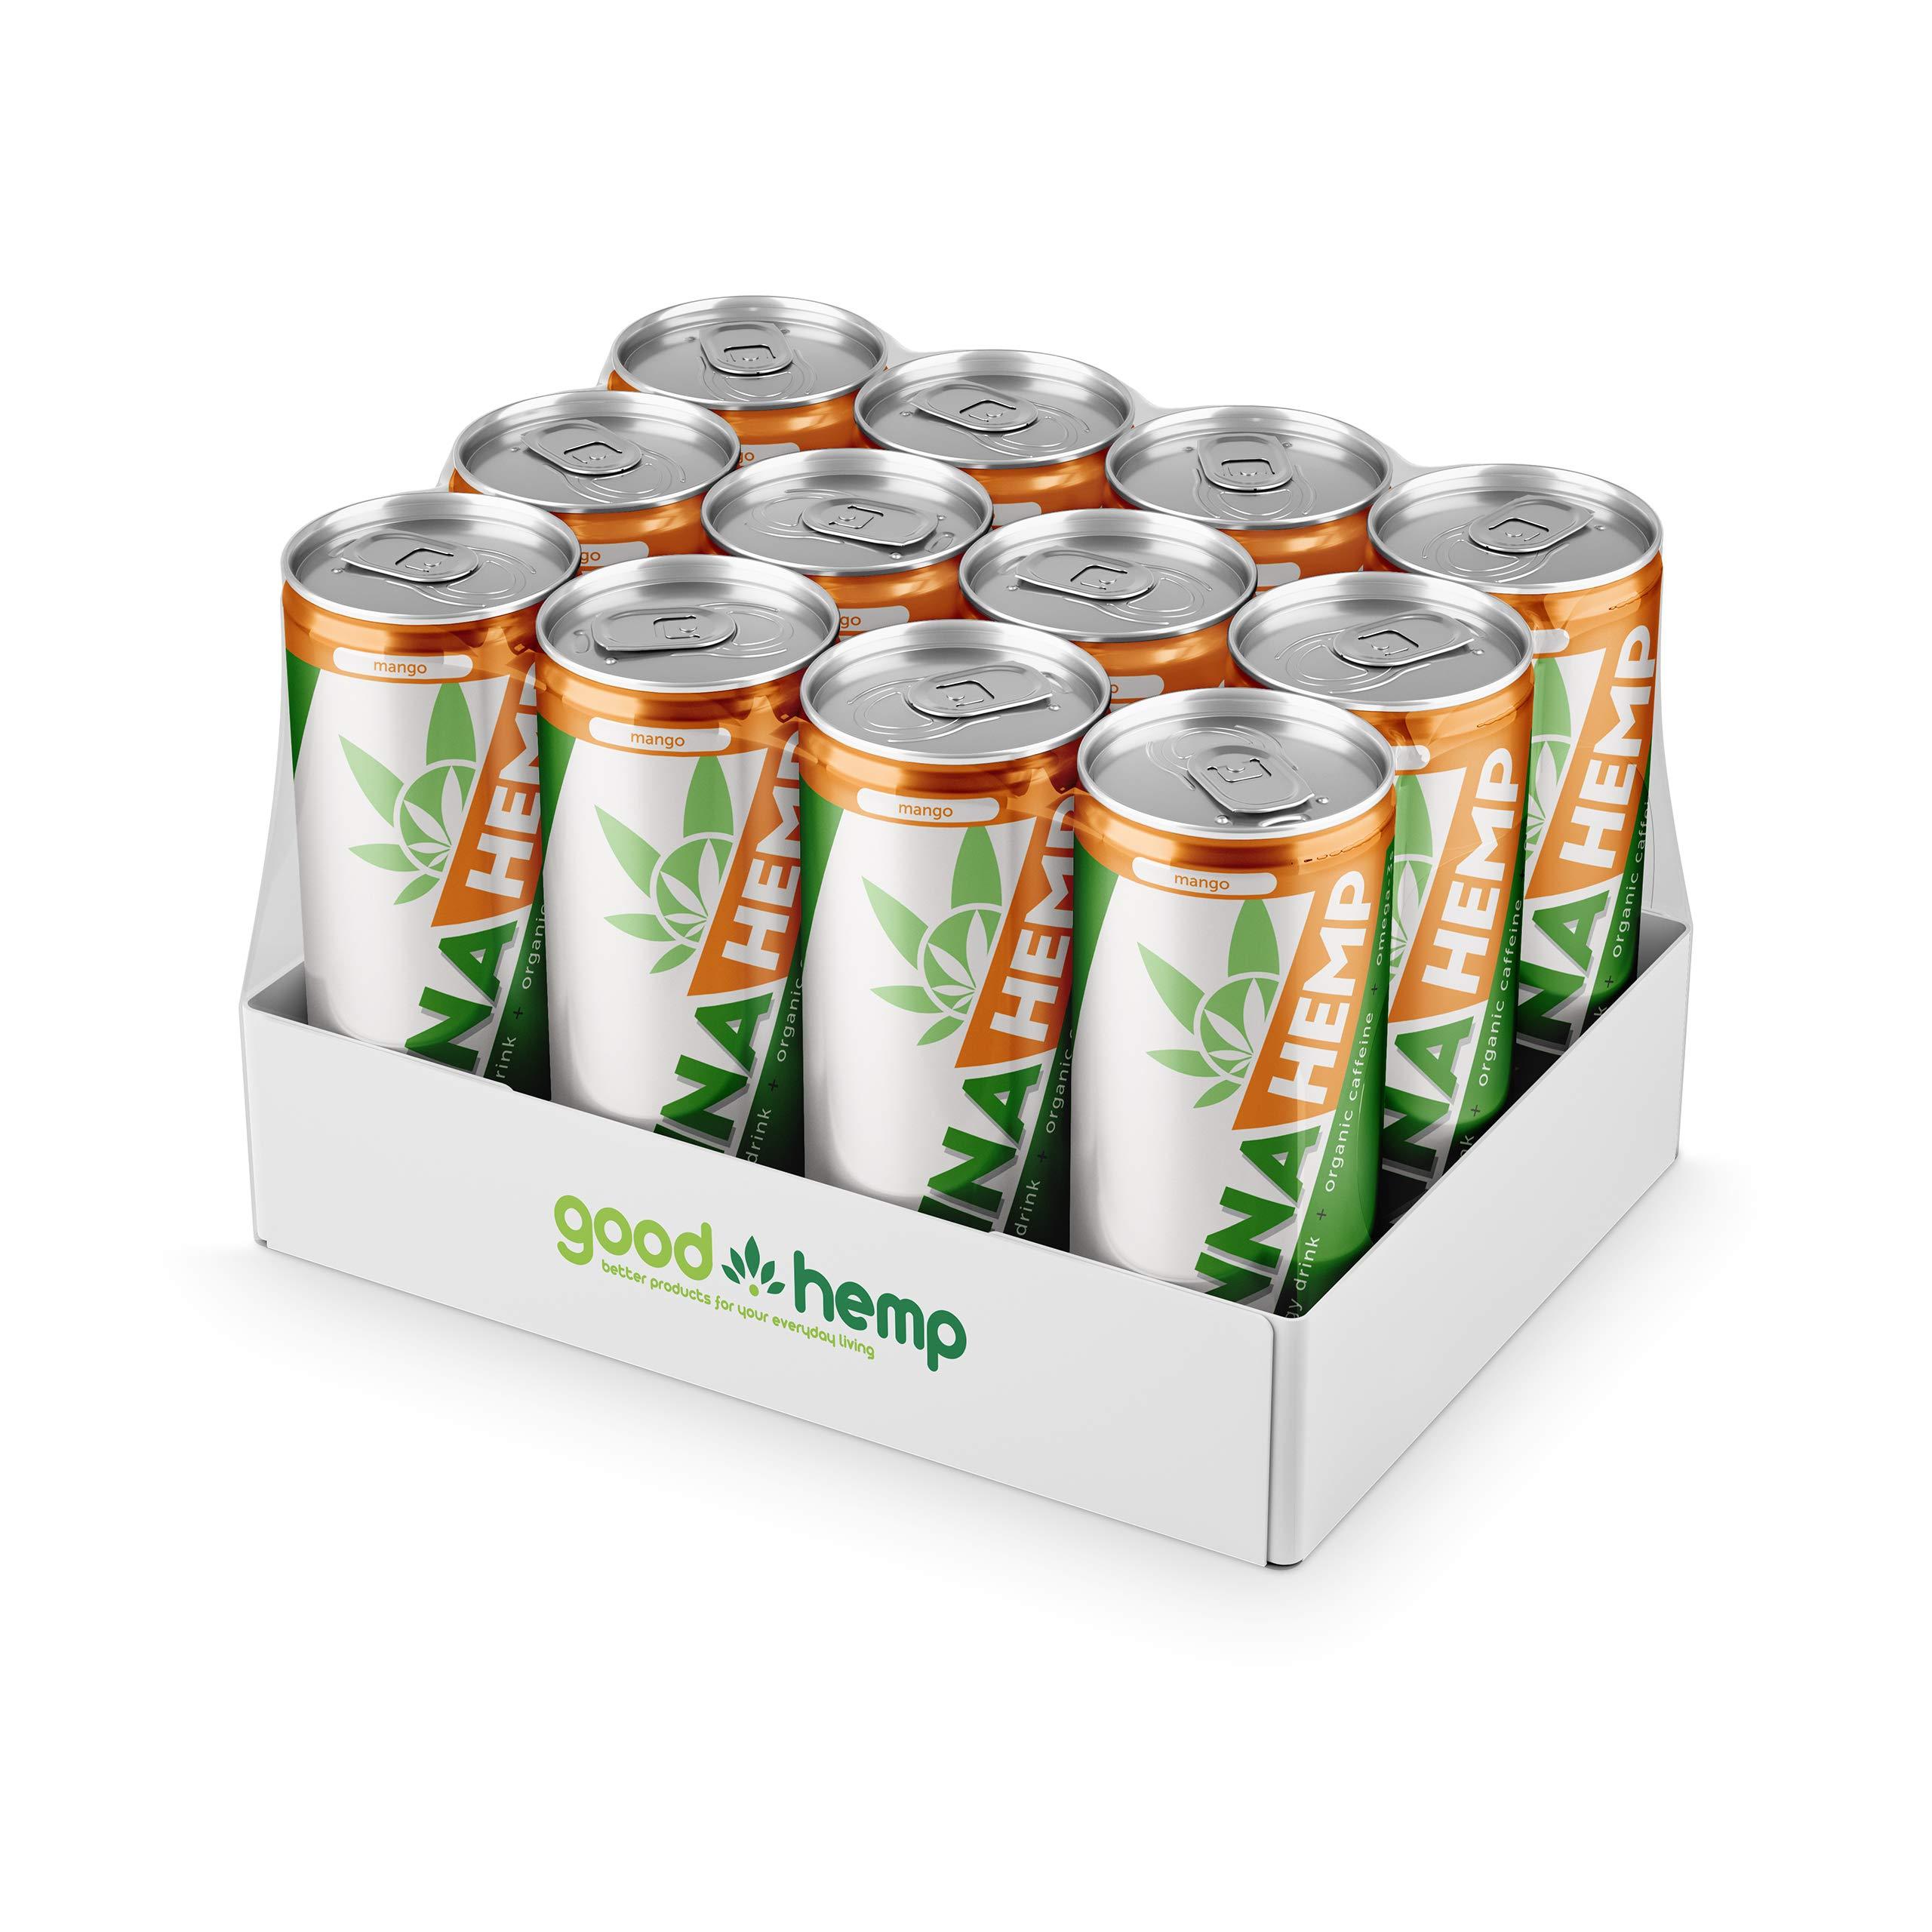 Canna Hemp Infused Energy Drinks